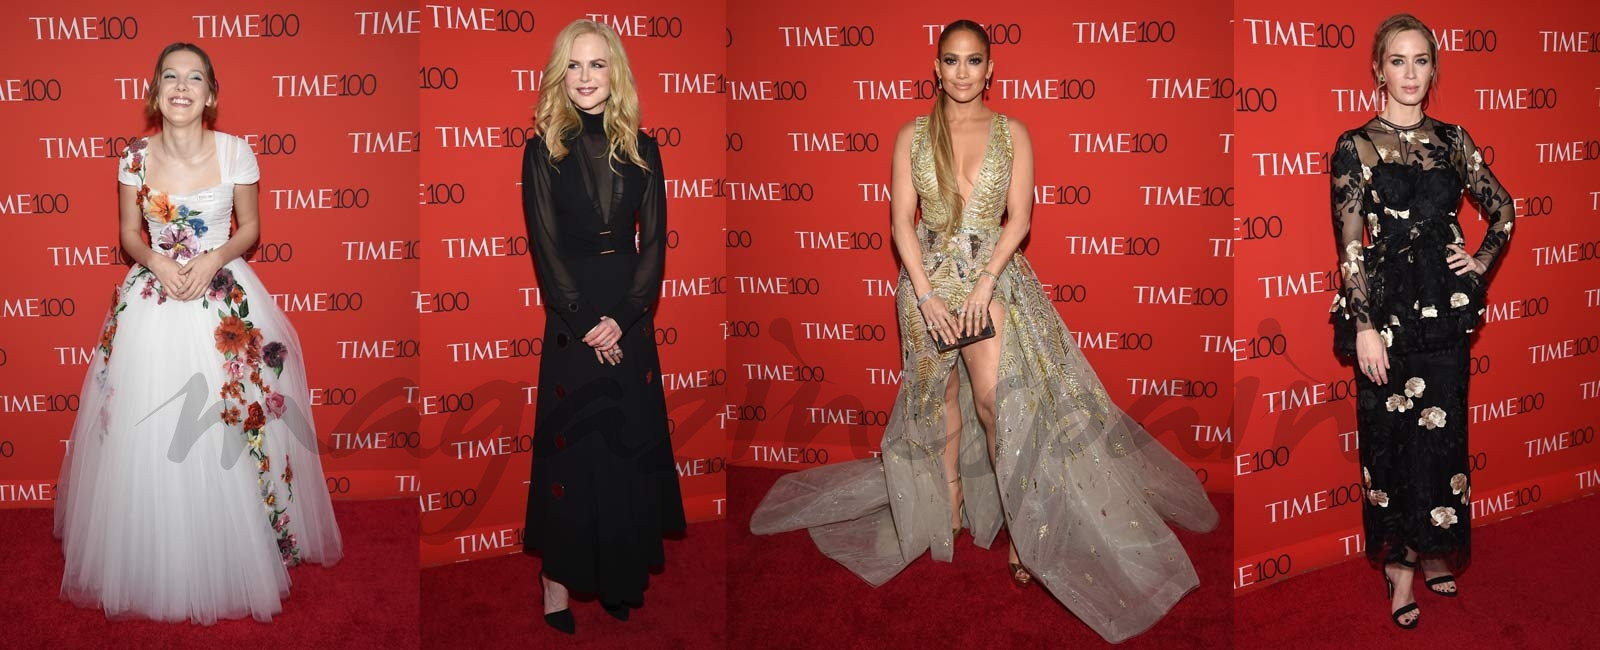 Los looks más espectaculares de la gala TIME 100